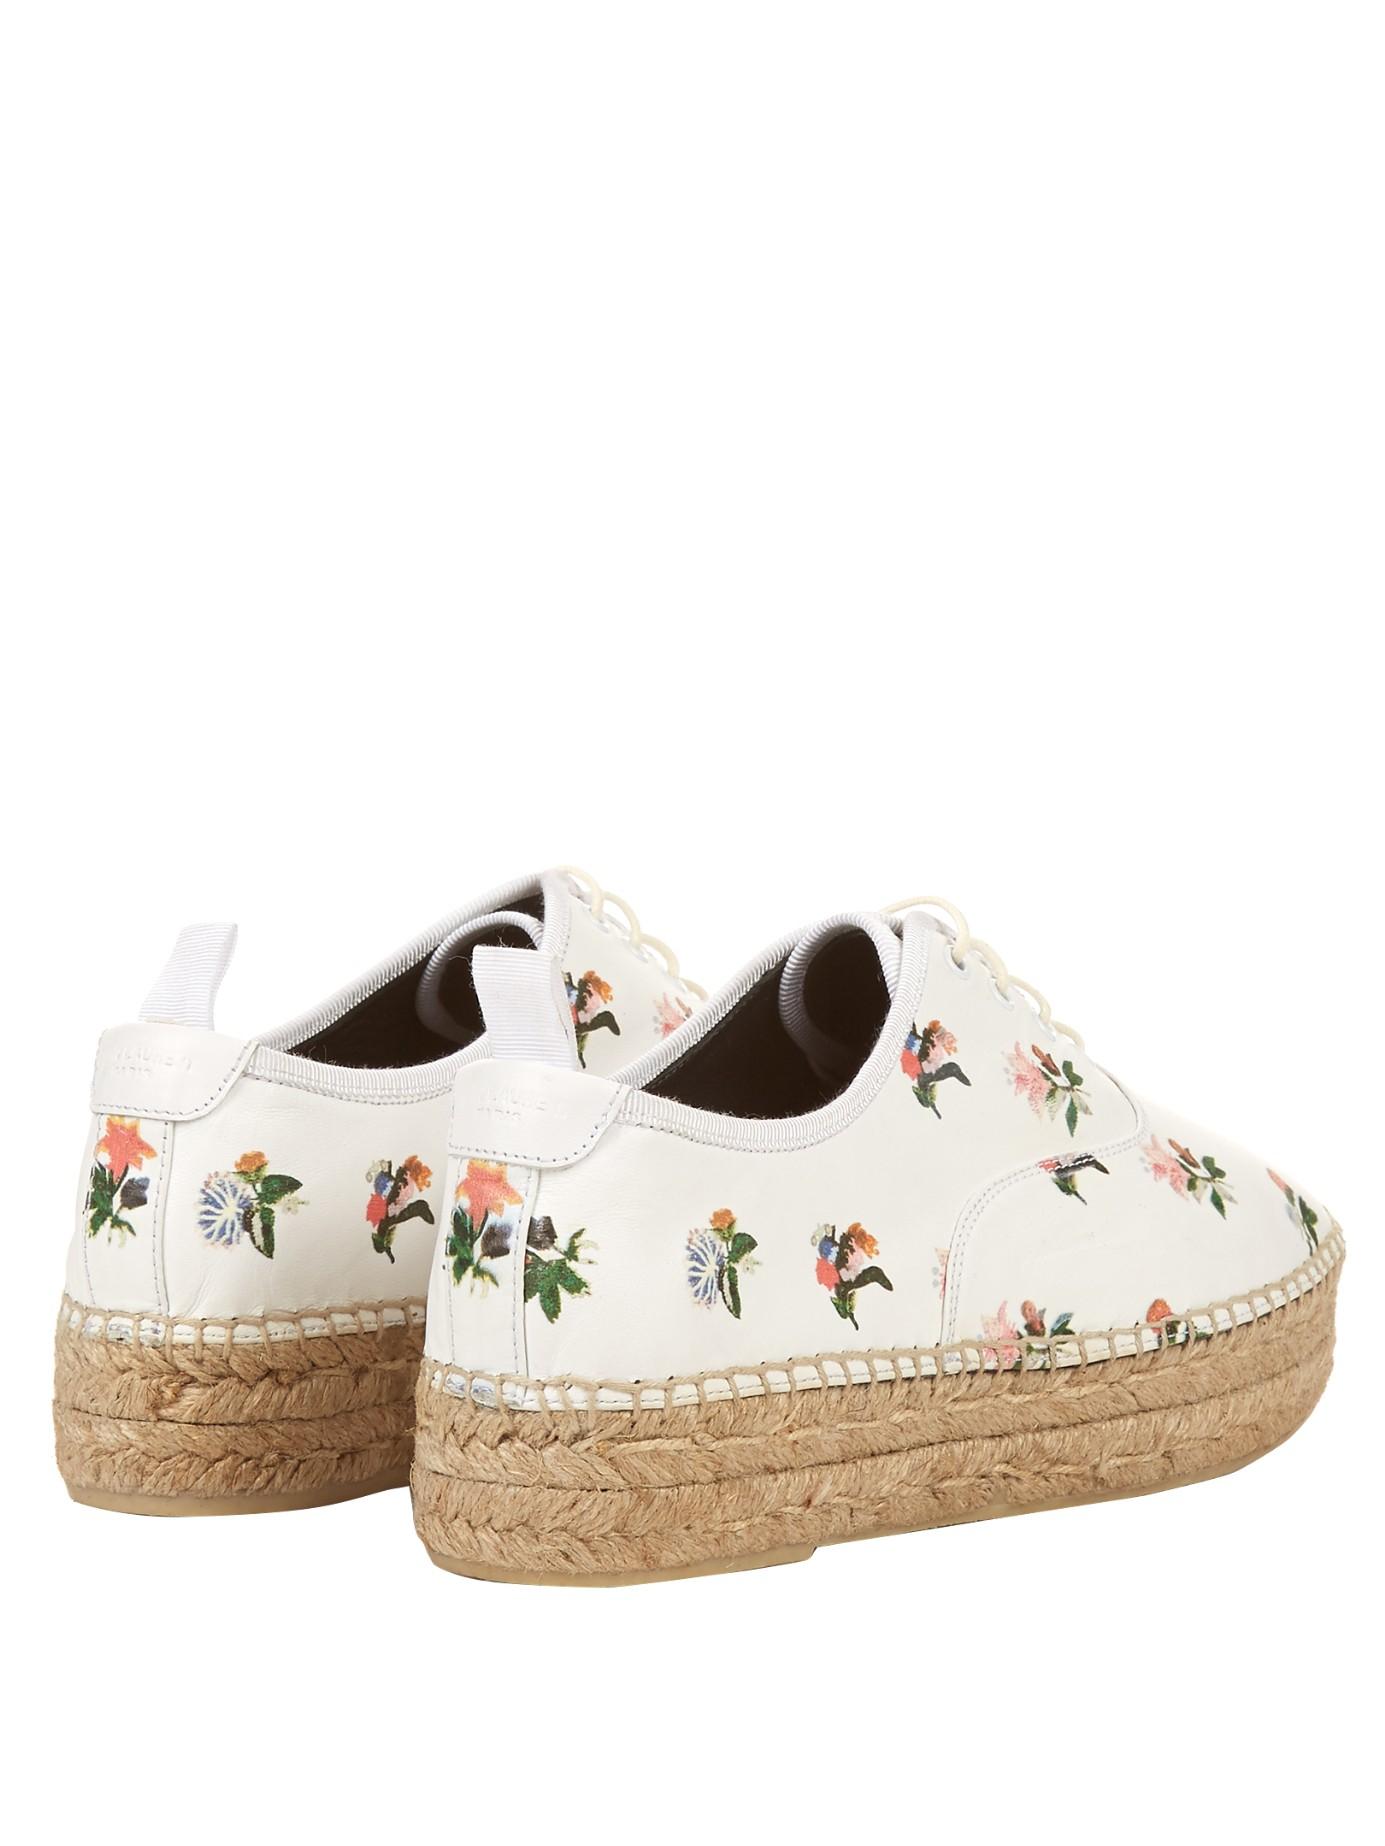 2d61a6e1b1c Saint Laurent Prairie Espadrille Lace-up Shoe in White - Lyst